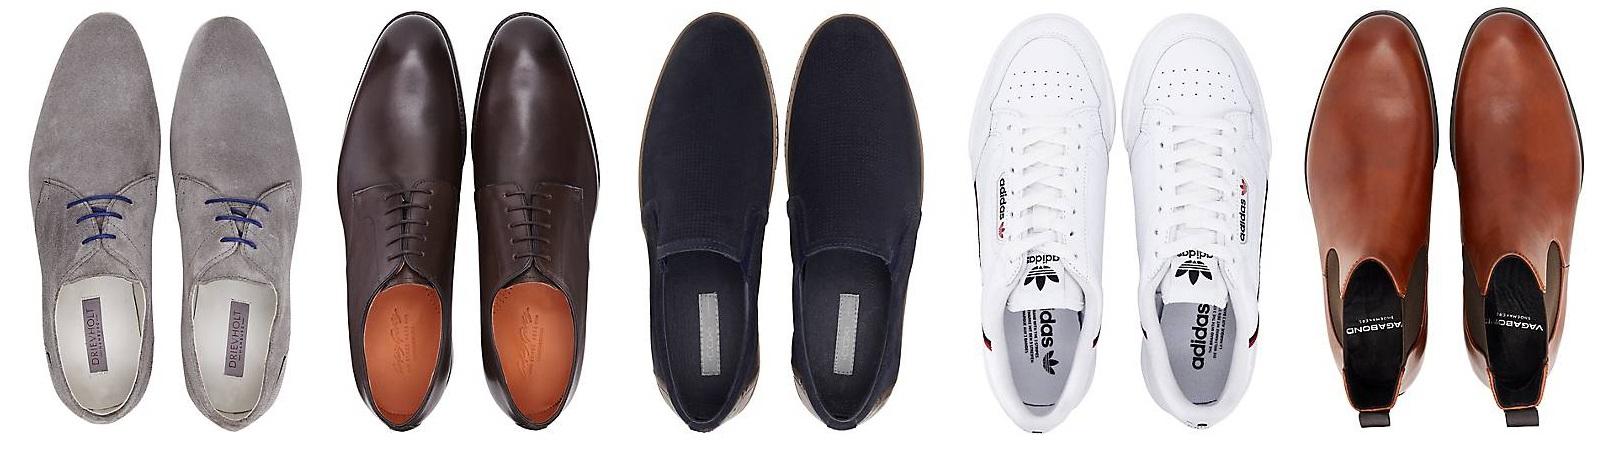 new arrival d75f6 09024 Herren-Schuhe versandkostenfrei kaufen | GÖRTZ